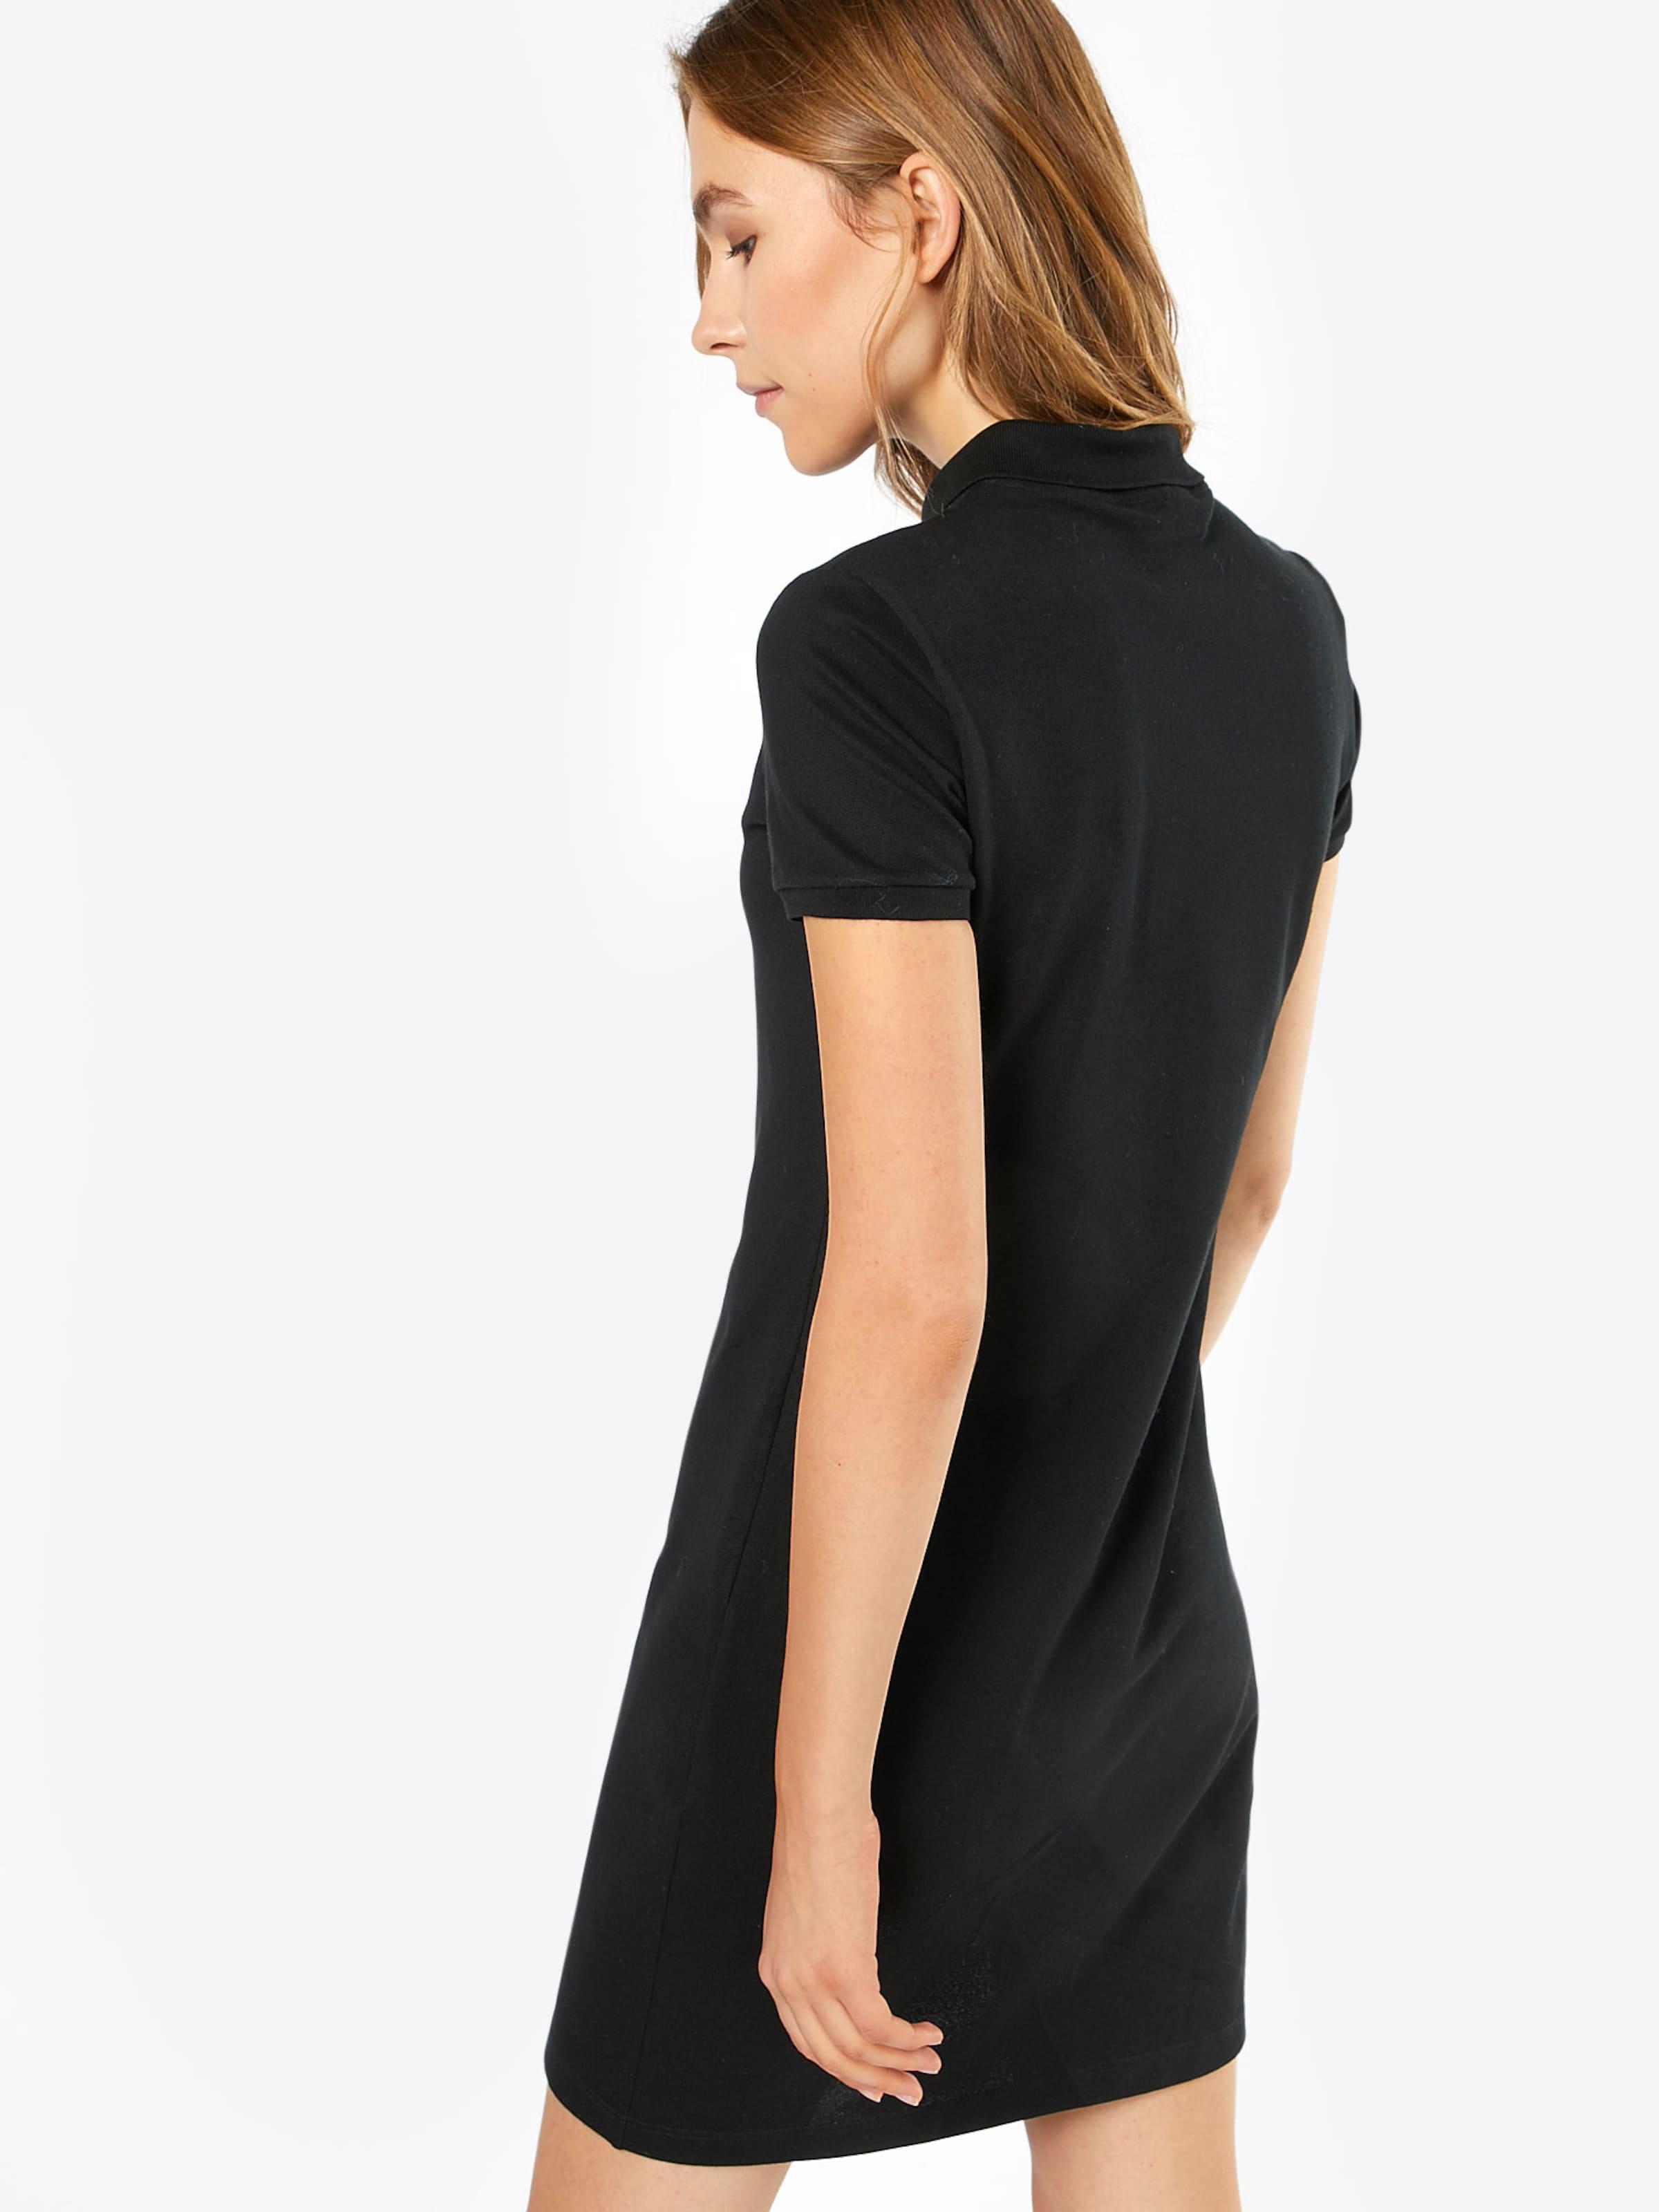 Noir Robe En En Noir Robe Noir Lacoste Lacoste Robe En Lacoste Robe Lacoste 9IYDWH2E